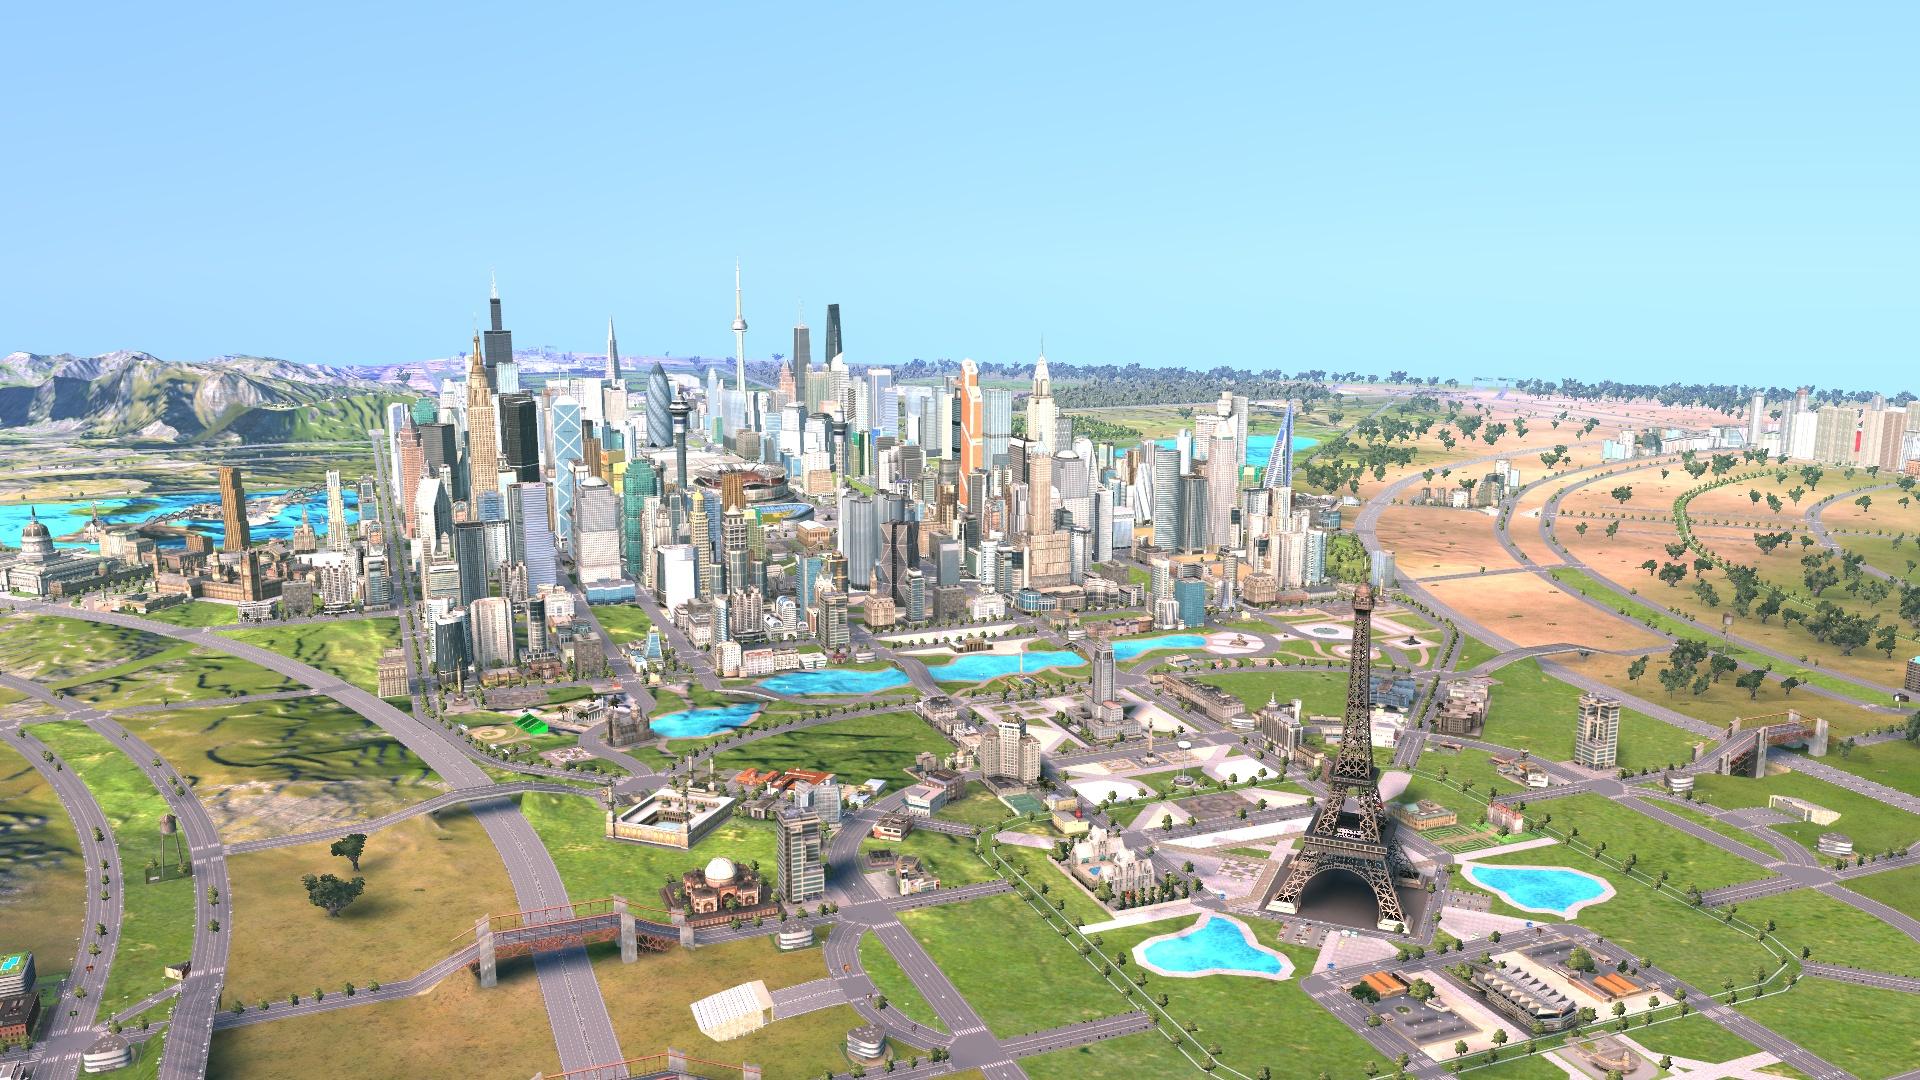 cxl_screenshot_futureville_1.jpg